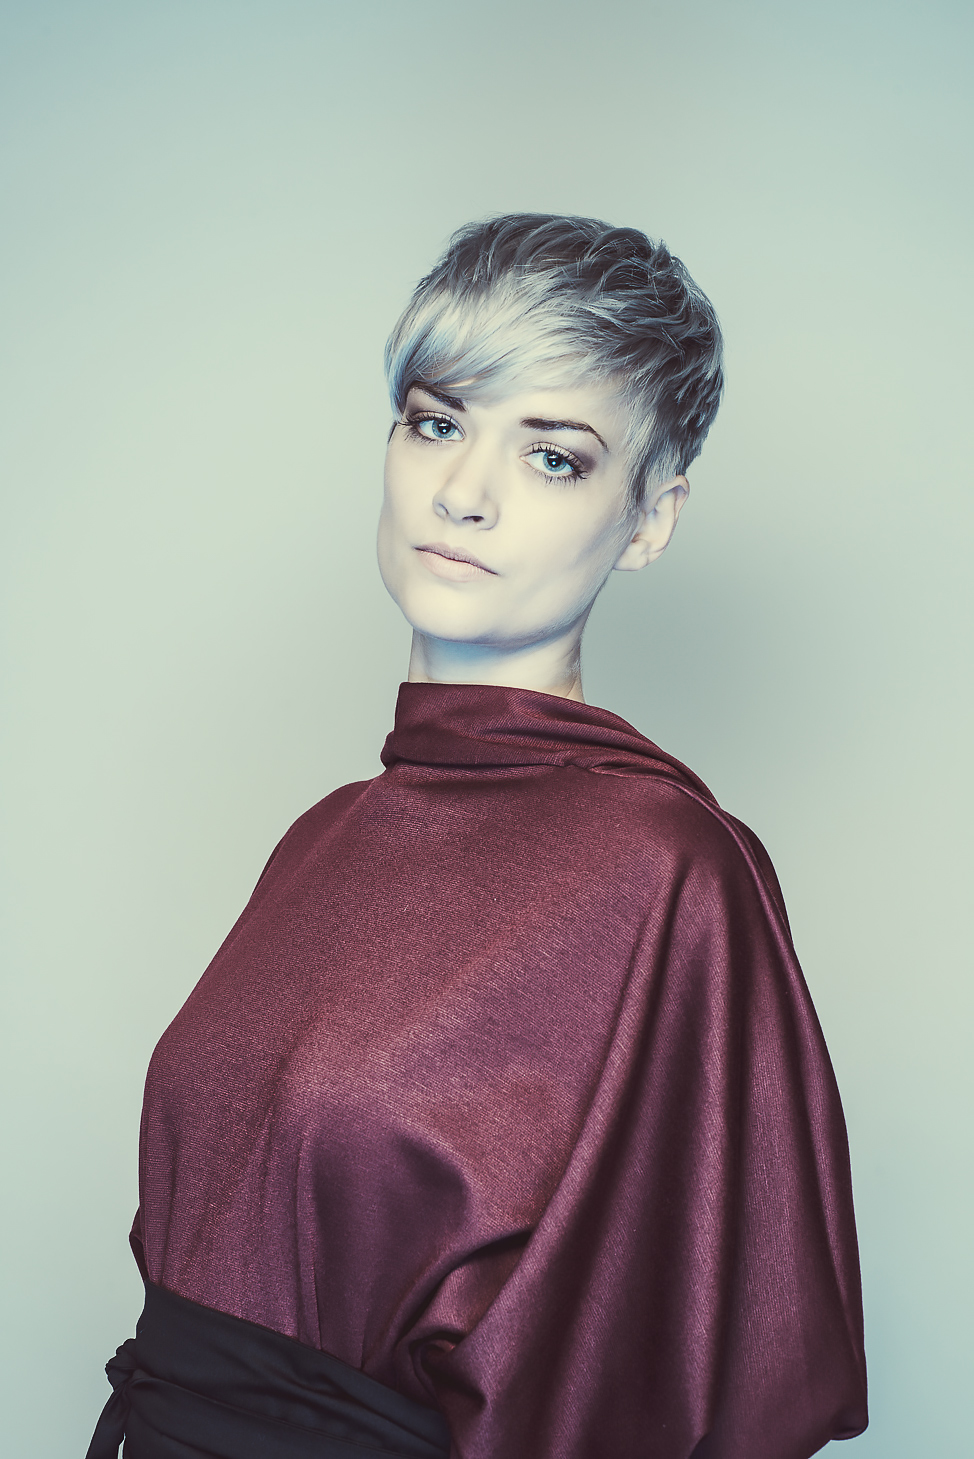 zaramia-ava-zaramiaava-leeds-fashion-designer-ethical-sustainable-tailored-minimalist-aya-burgundy-dress-obi-belt-black-versatile-drape-cowl-styling-womenswear-models-photoshoot-shrine-hairdressers-2